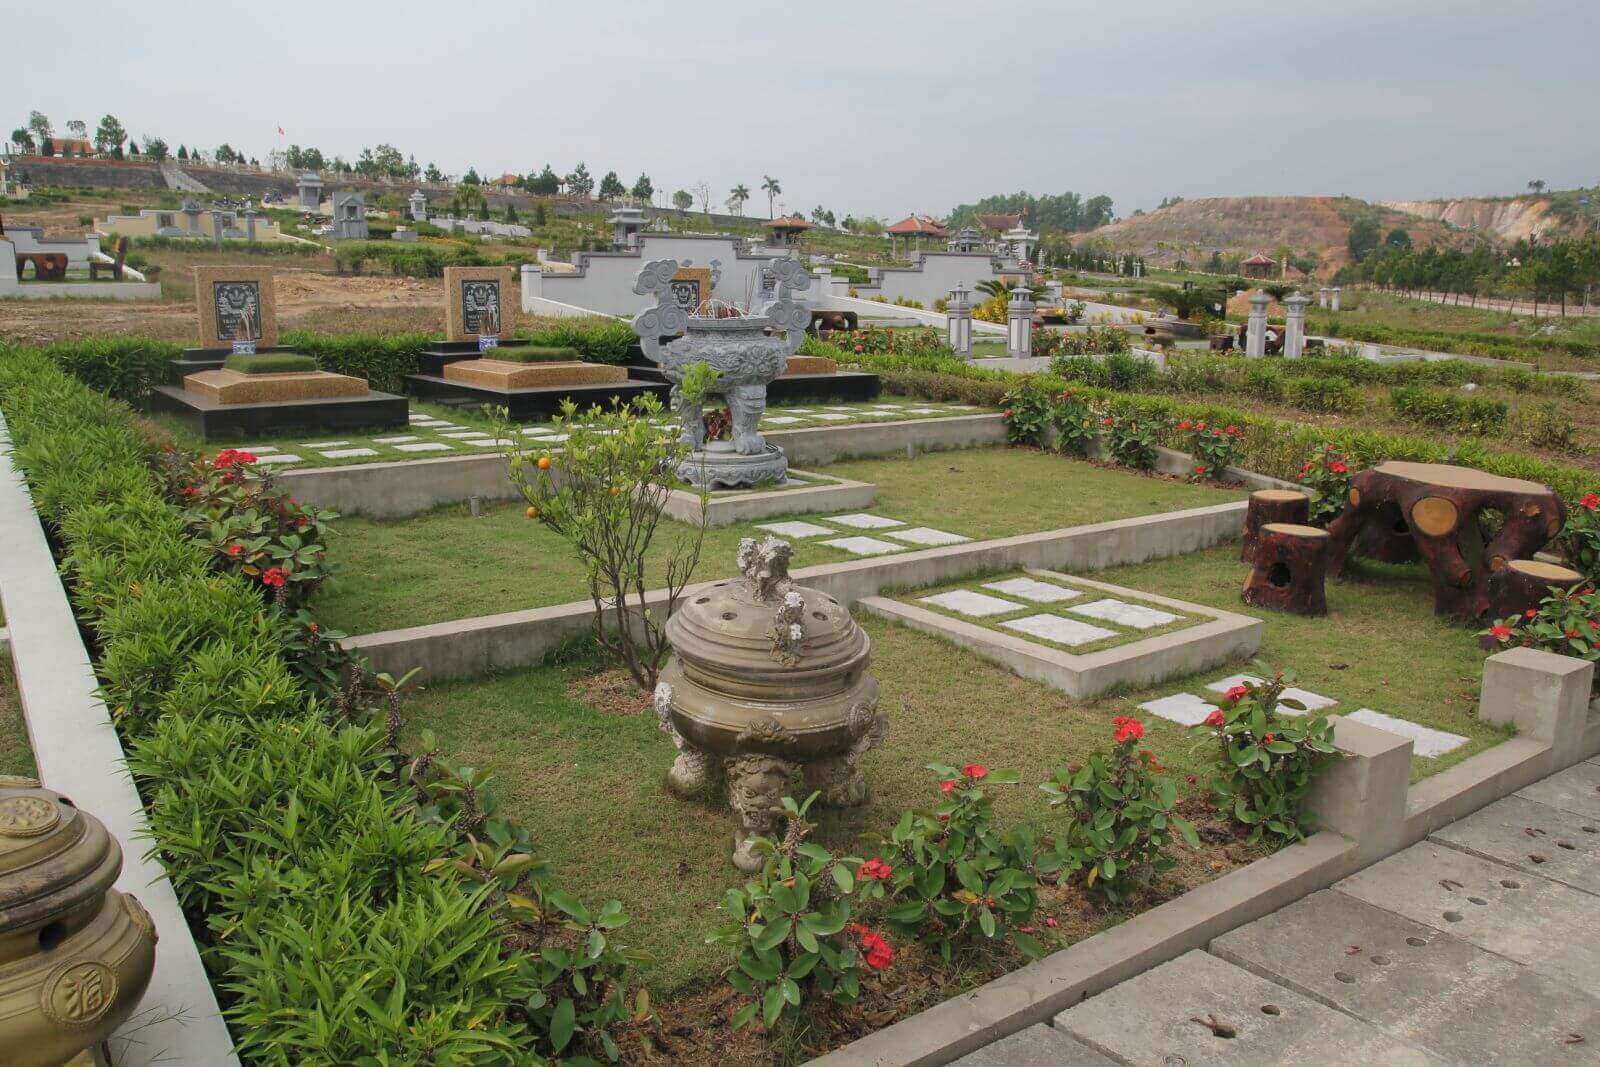 lac hong vien, lạc hồng viên - khuôn viên phần mộ đẹp